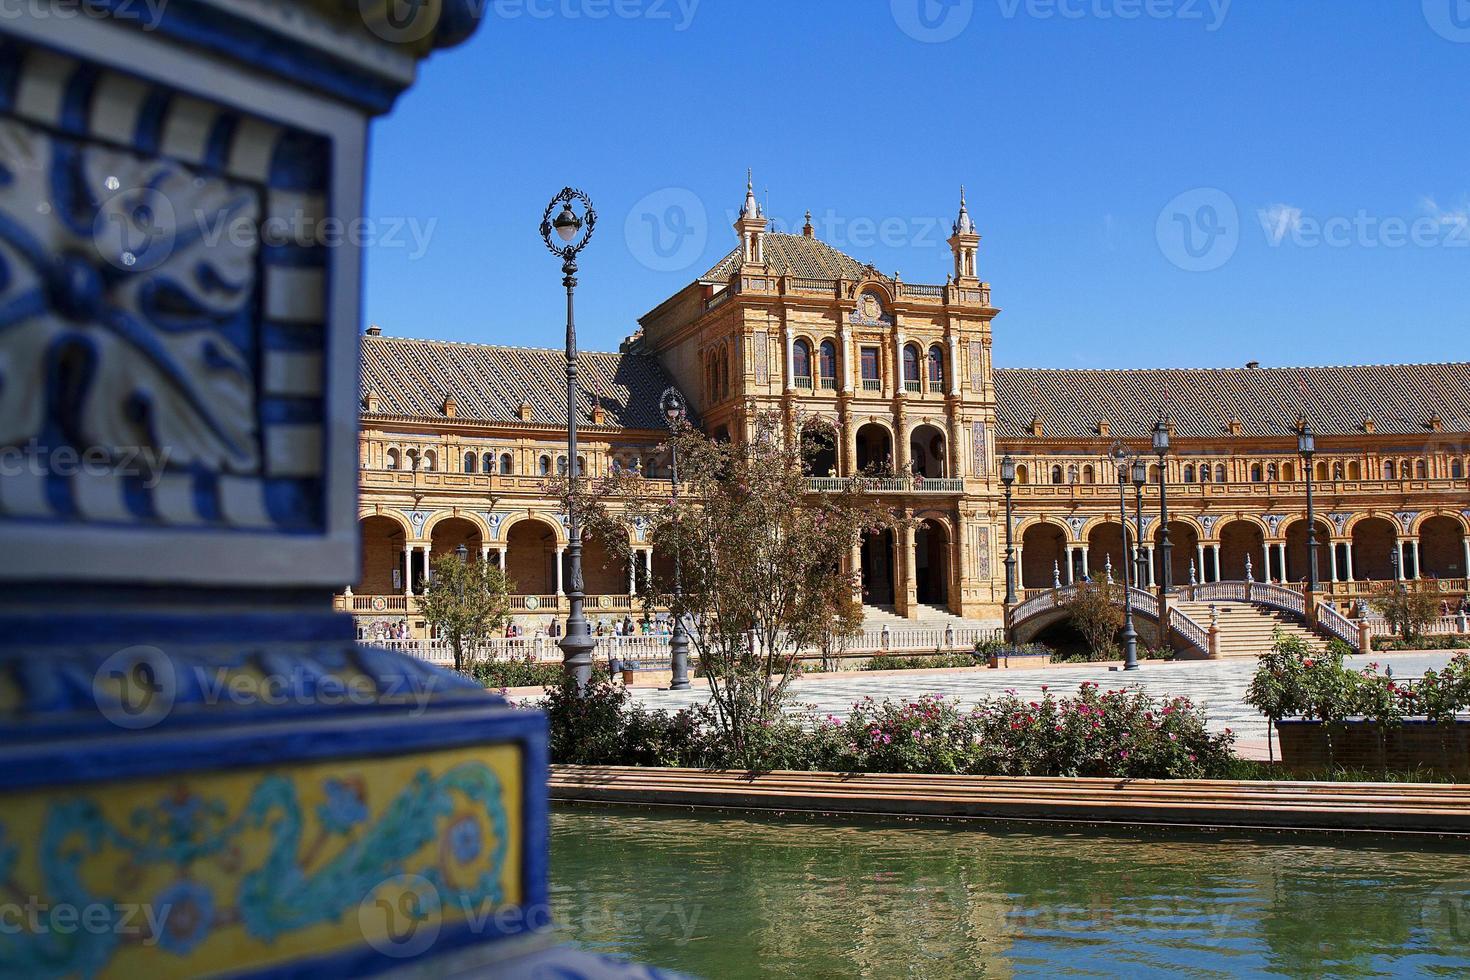 palais et céramique sur la plaza de españa, séville. photo